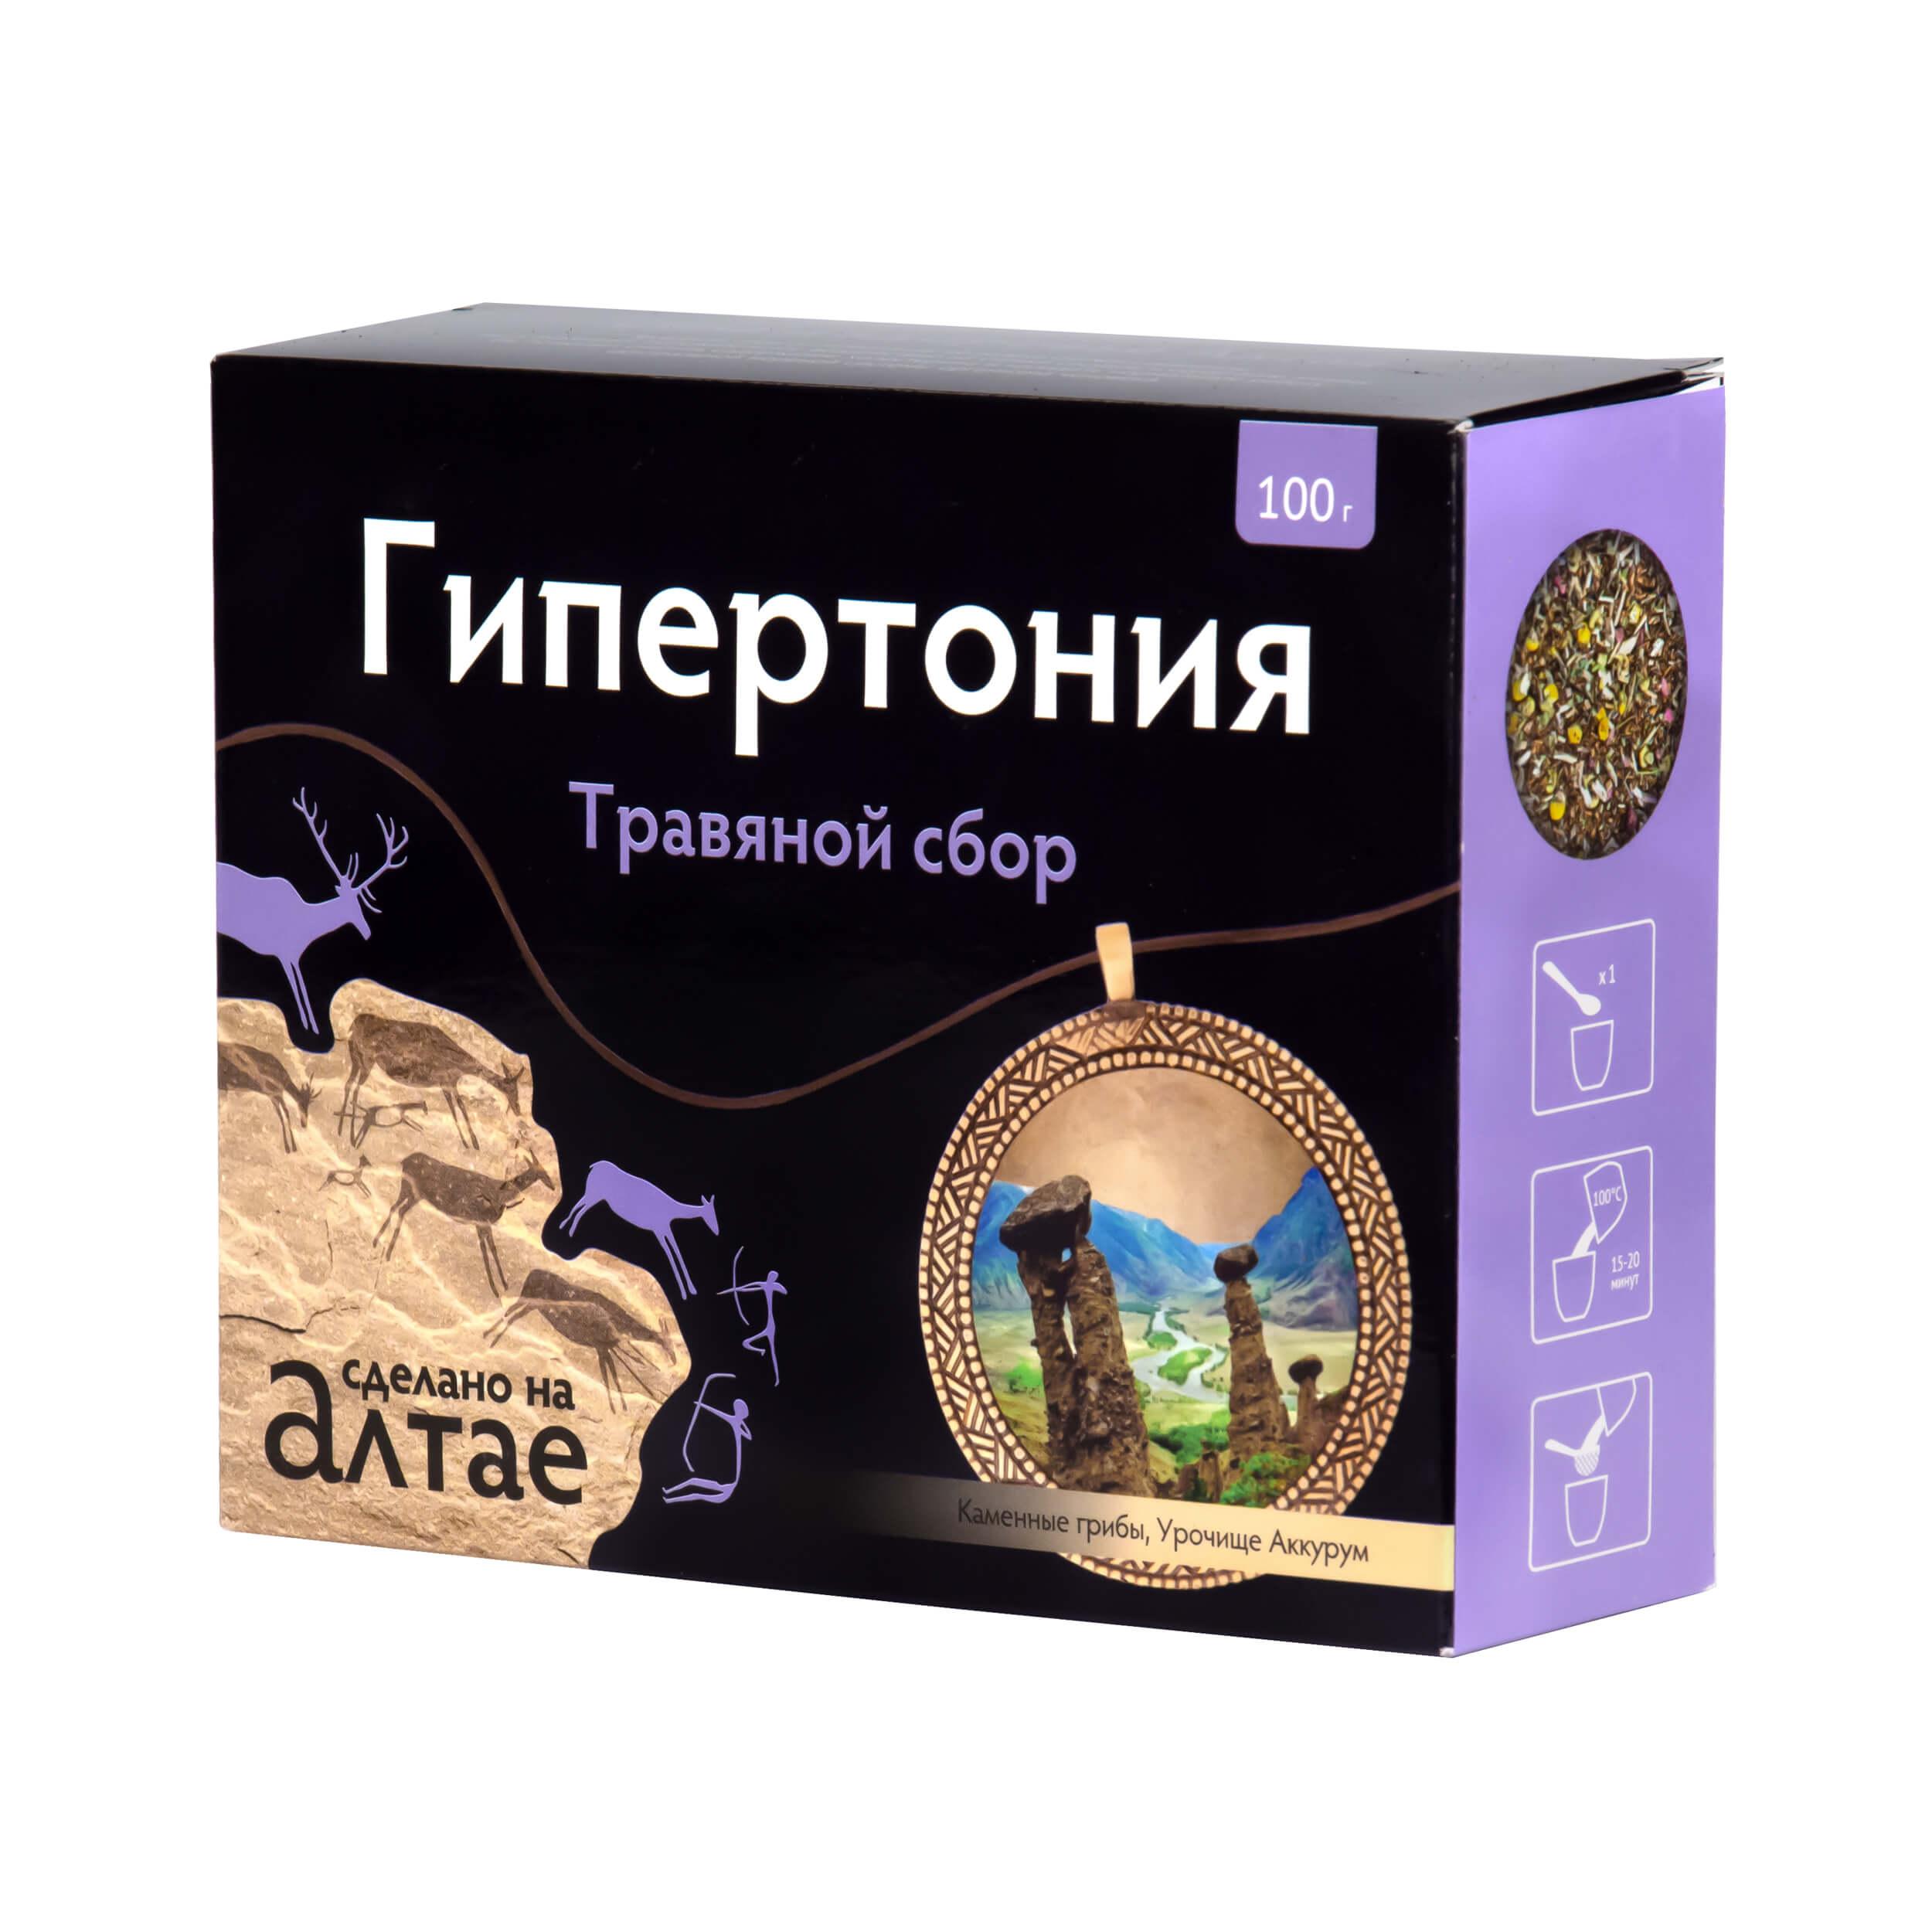 """Травяной сбор """"Гипертония"""" (100 грамм, россыпь) фото"""